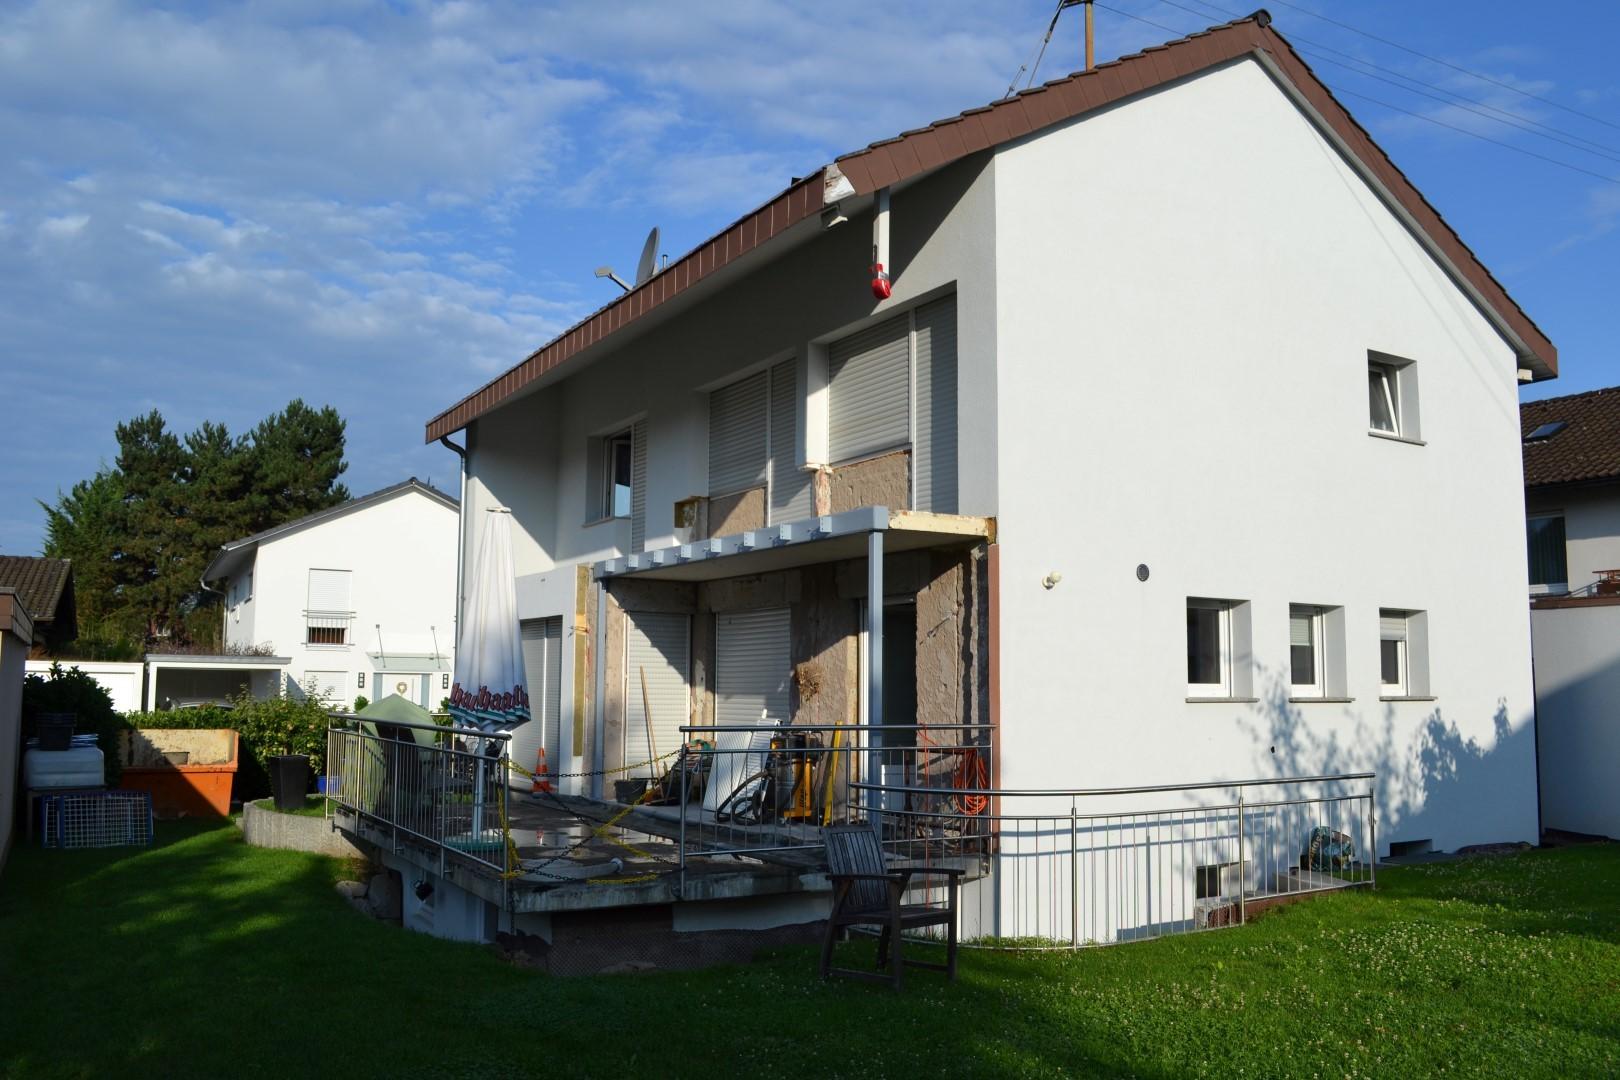 Anbau An Bestehendes Einfamilienhaus In Weil Am Rhein Zimmerei